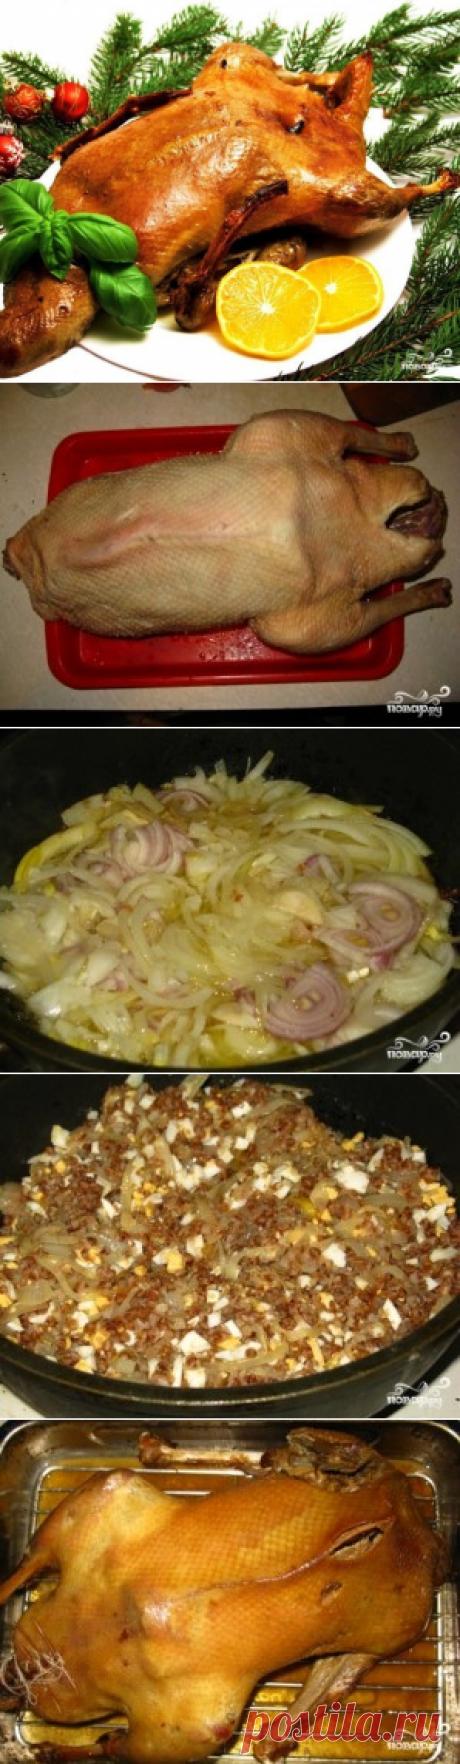 Гусь в духовке с гречкой - пошаговый рецепт с фото на Повар.ру